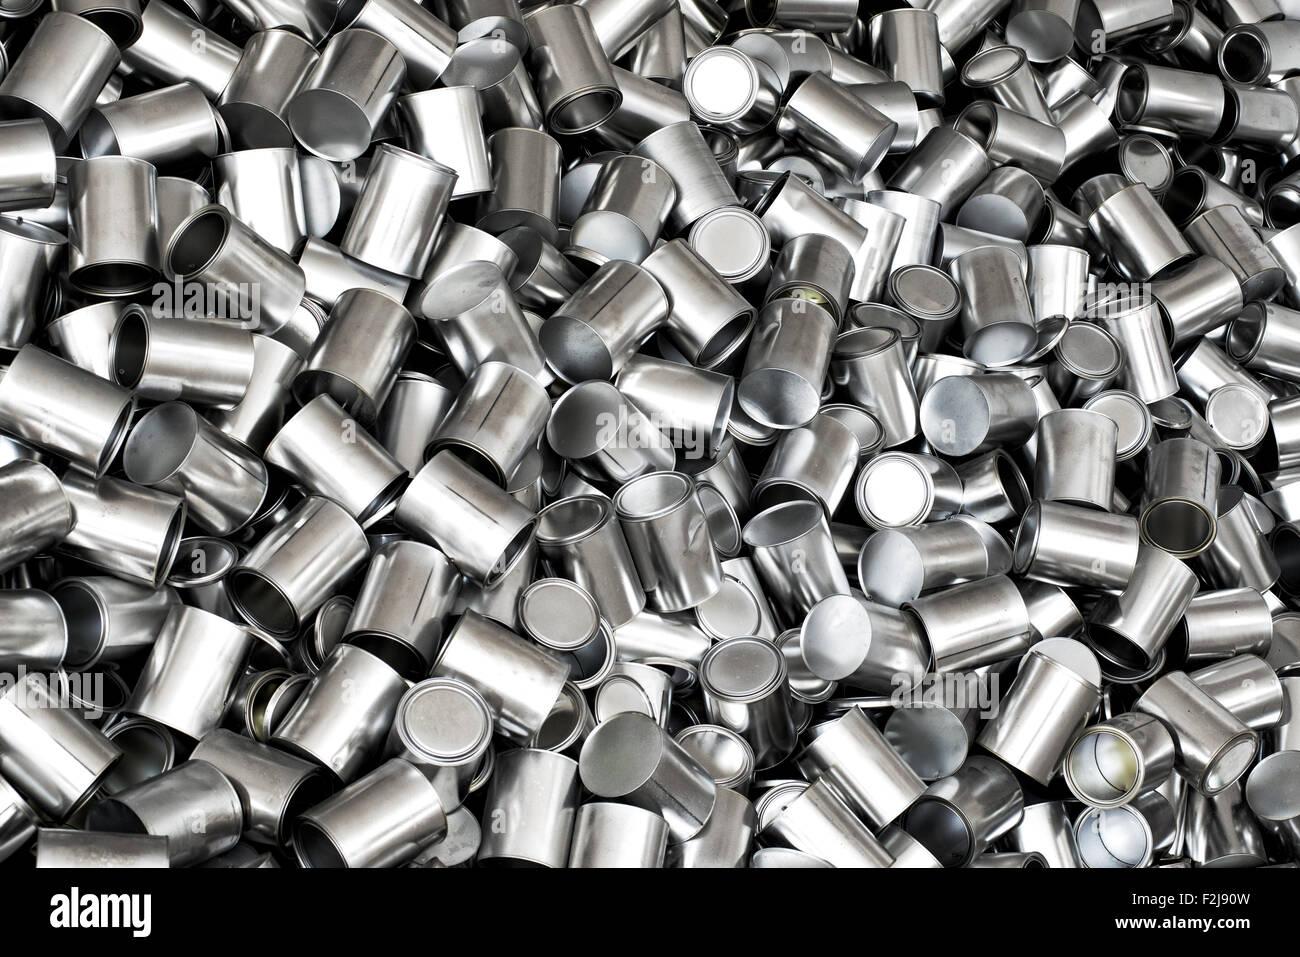 Texture di sfondo di nuove lattine vuote per la produzione di conserve di prodotti alimentari visto dal sovraccarico Immagini Stock